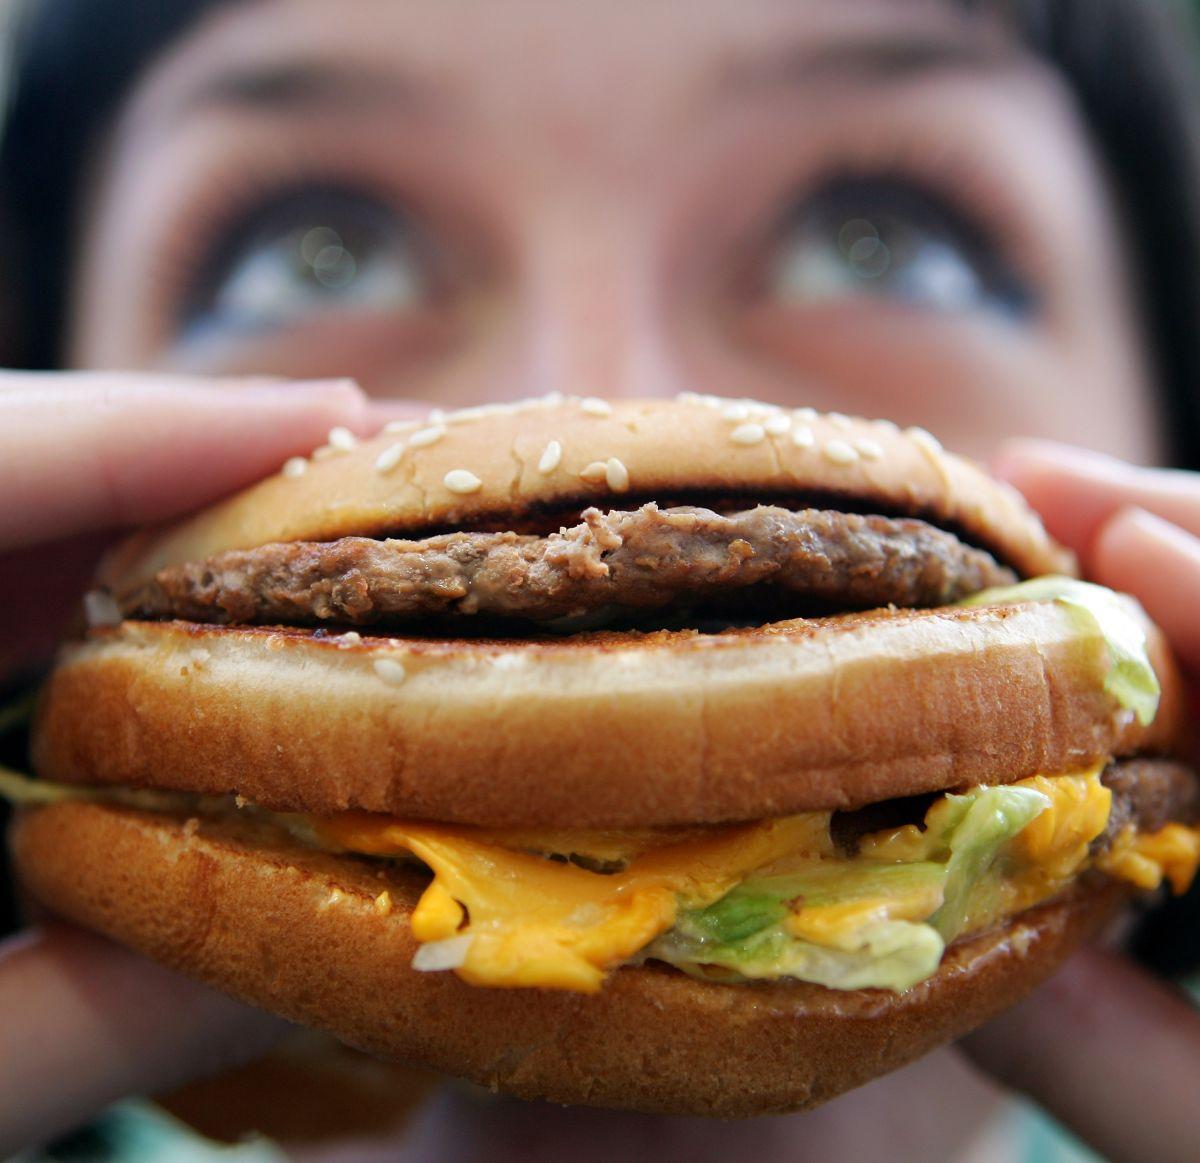 Crisis en Venezuela: por qué el país sudamericano es el más caro del mundo para comerse una hamburguesa de McDonald's